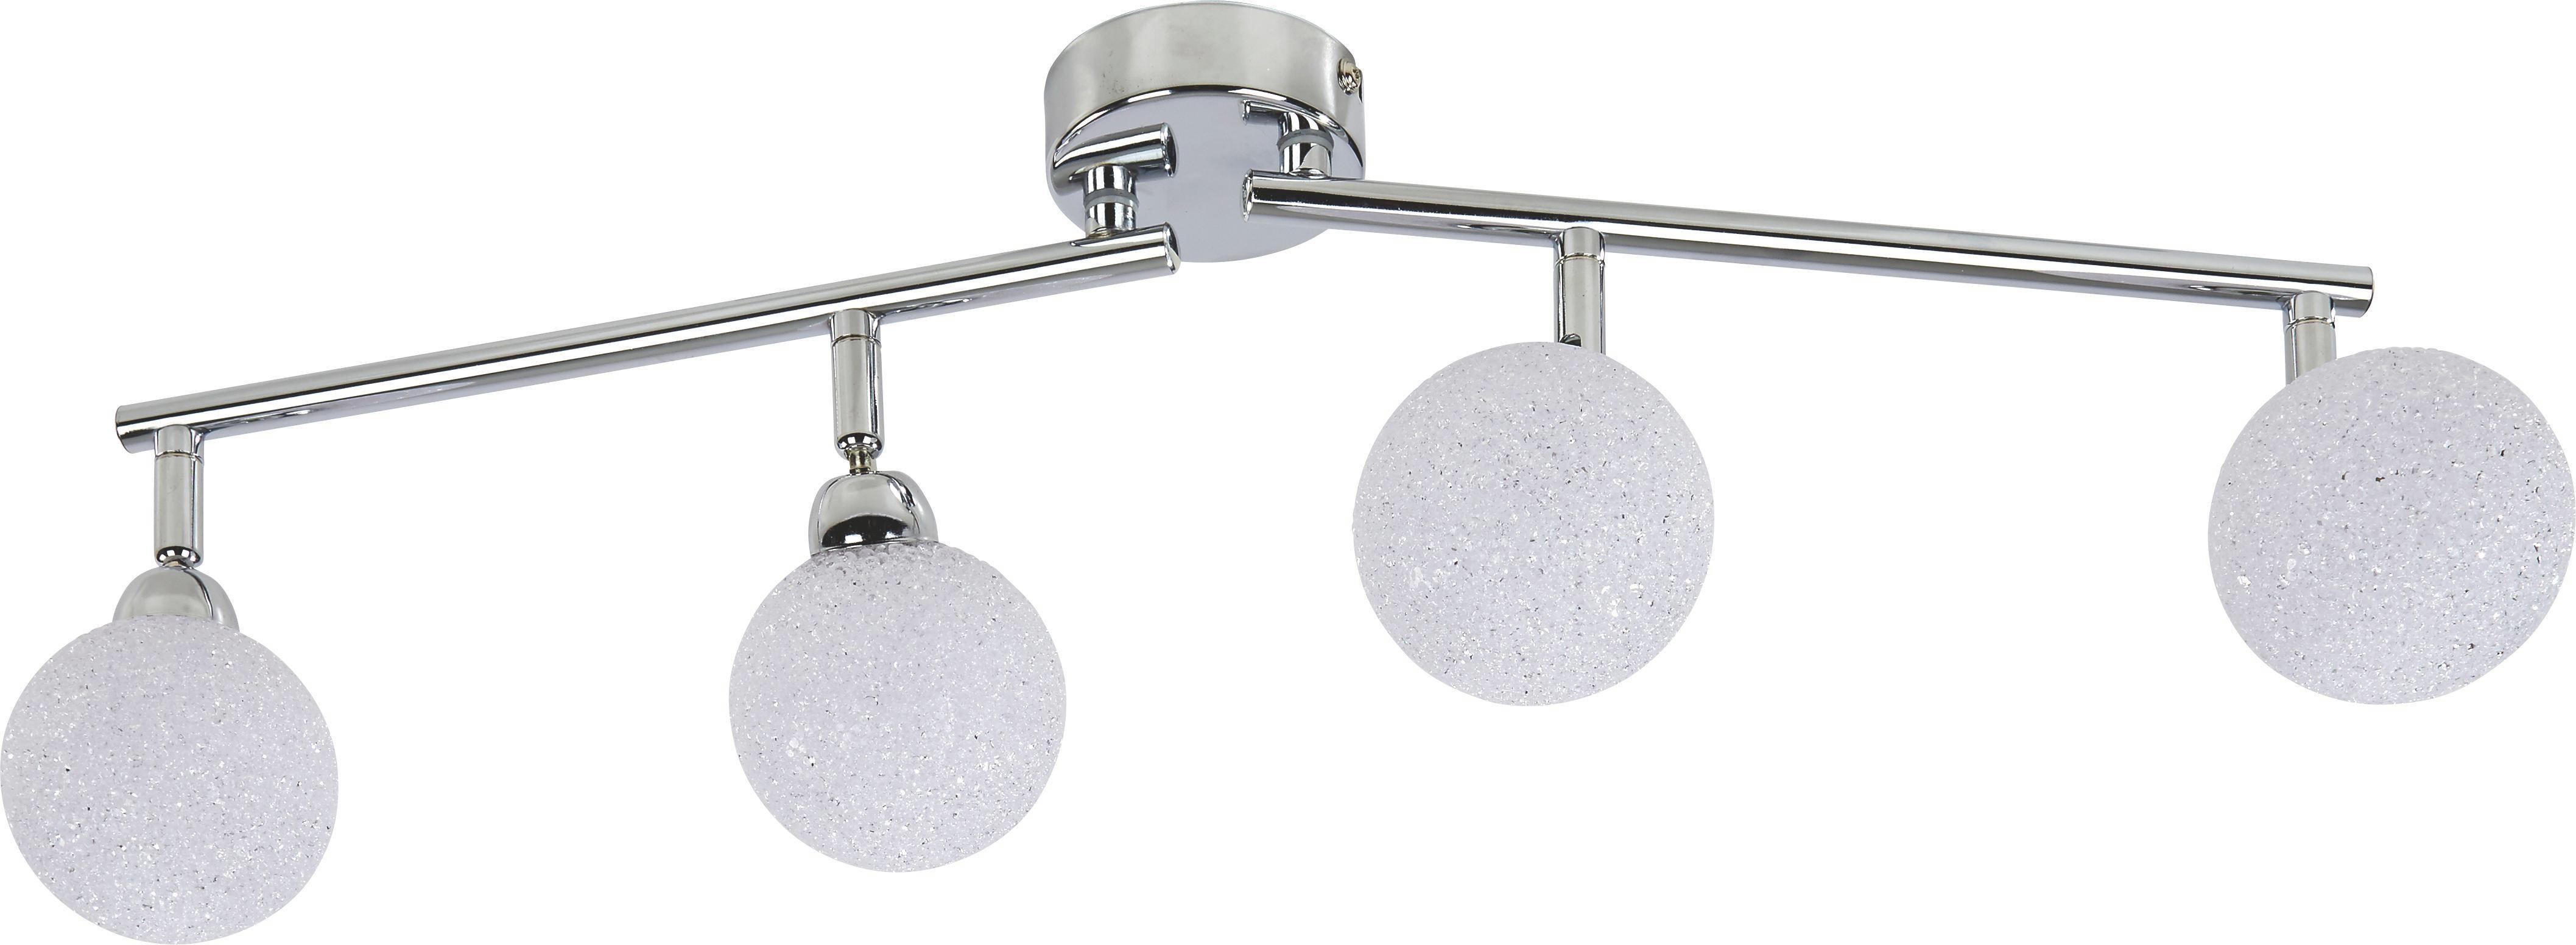 Svjetiljka Stropna Alessia - bijela, Konvencionalno, metal/plastika (60/9/19cm) - JAMES WOOD